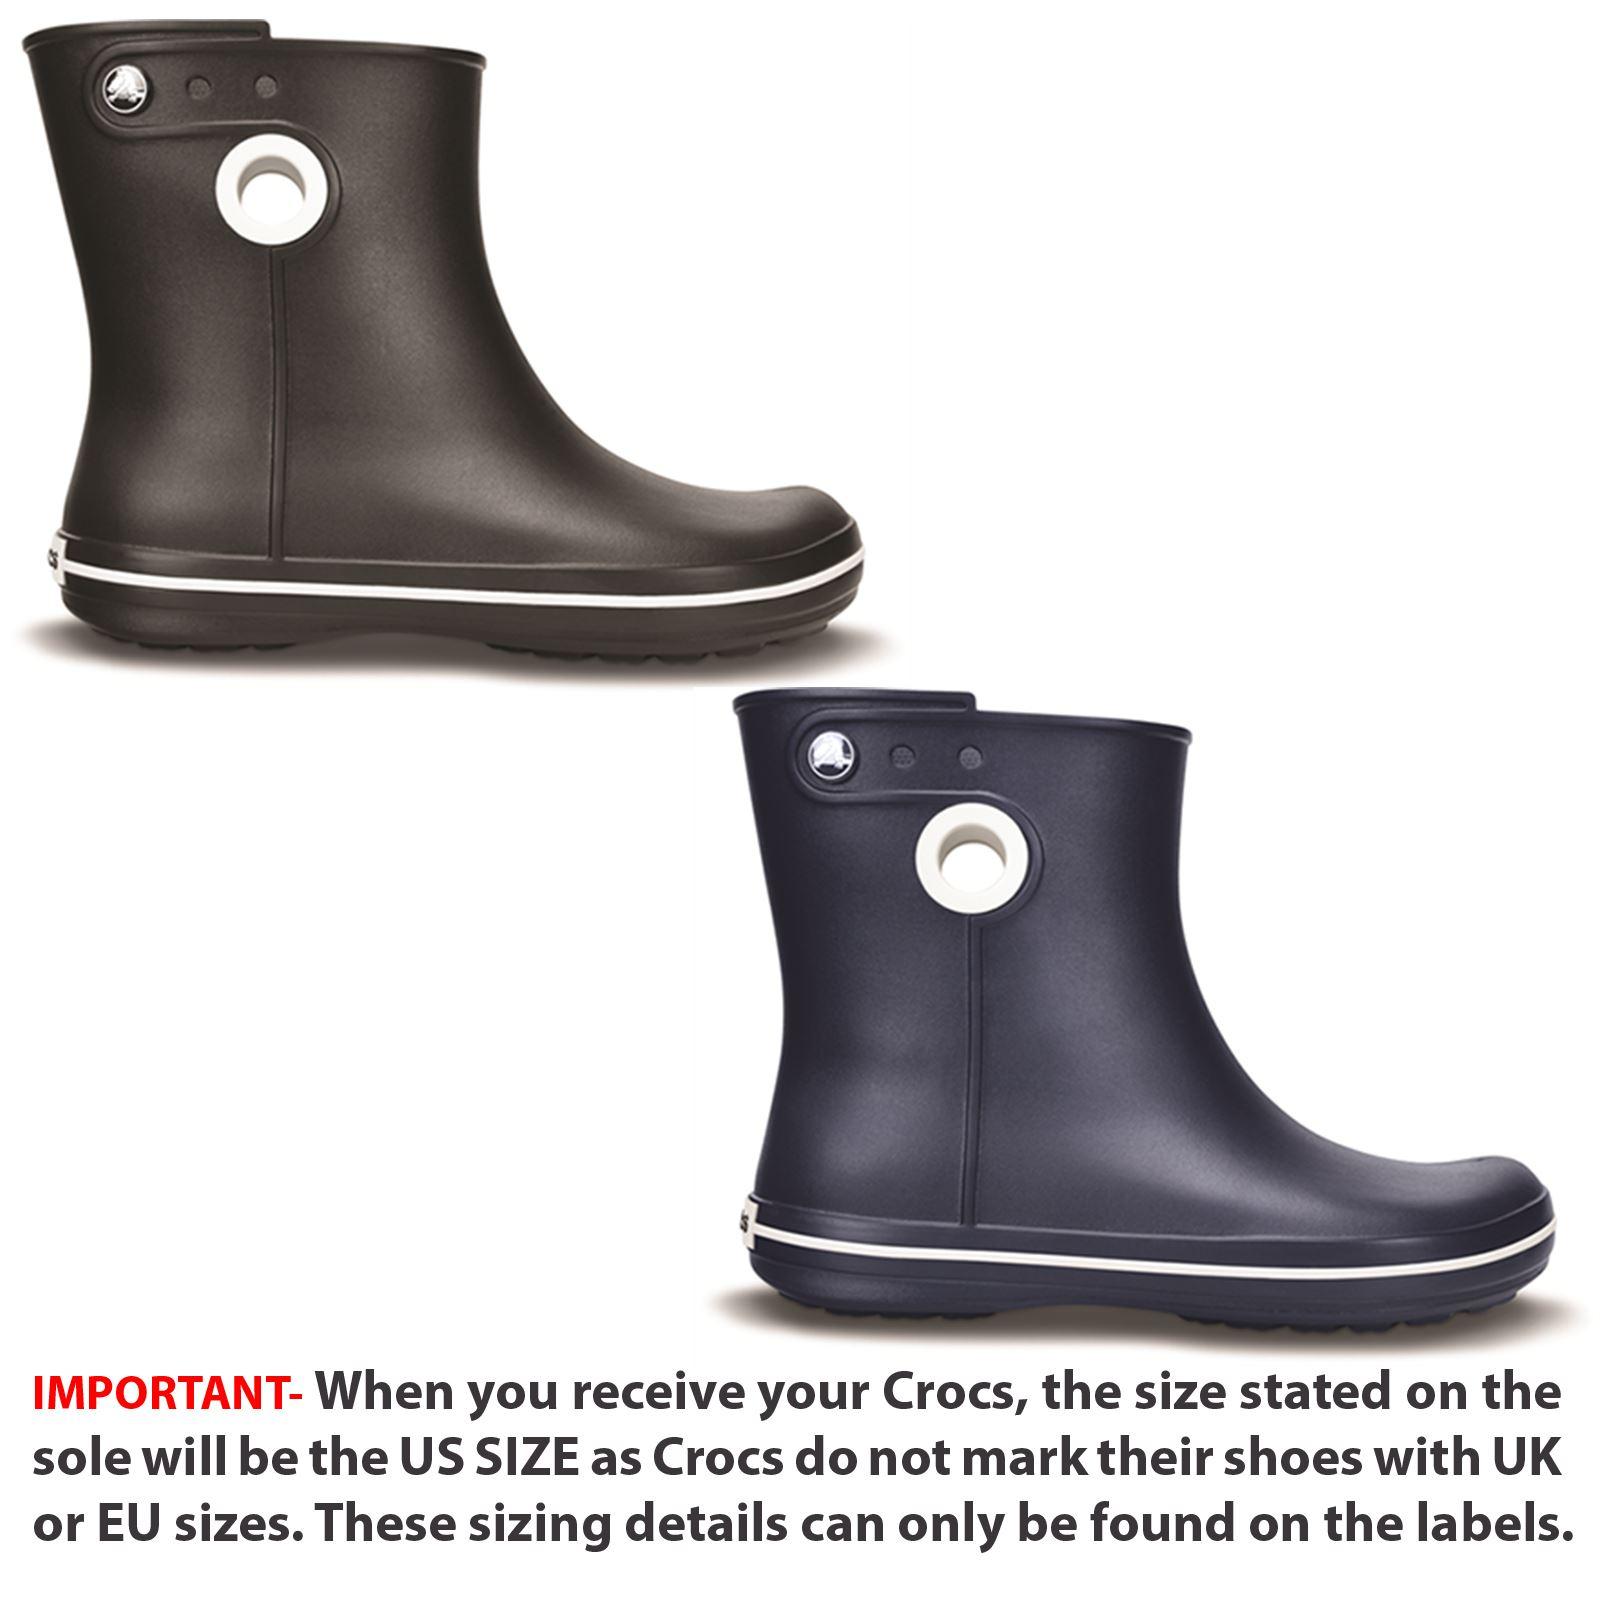 Details about Crocs Trekking Shorts Rain wide fit ladies ankle boots show original title